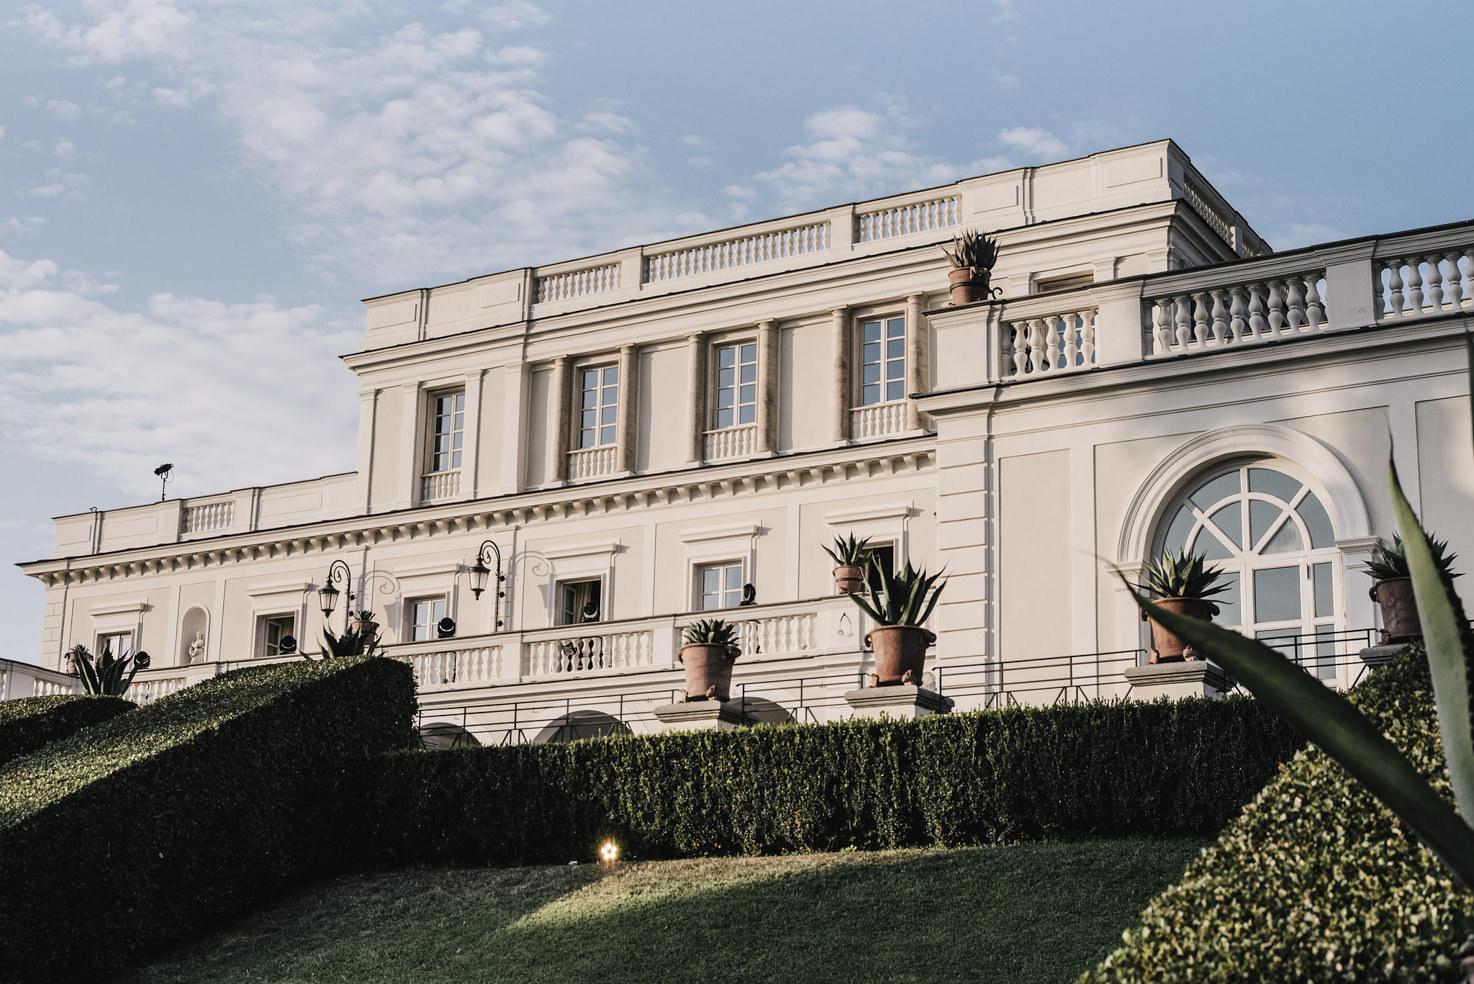 Façade of Villa Miani in Rome